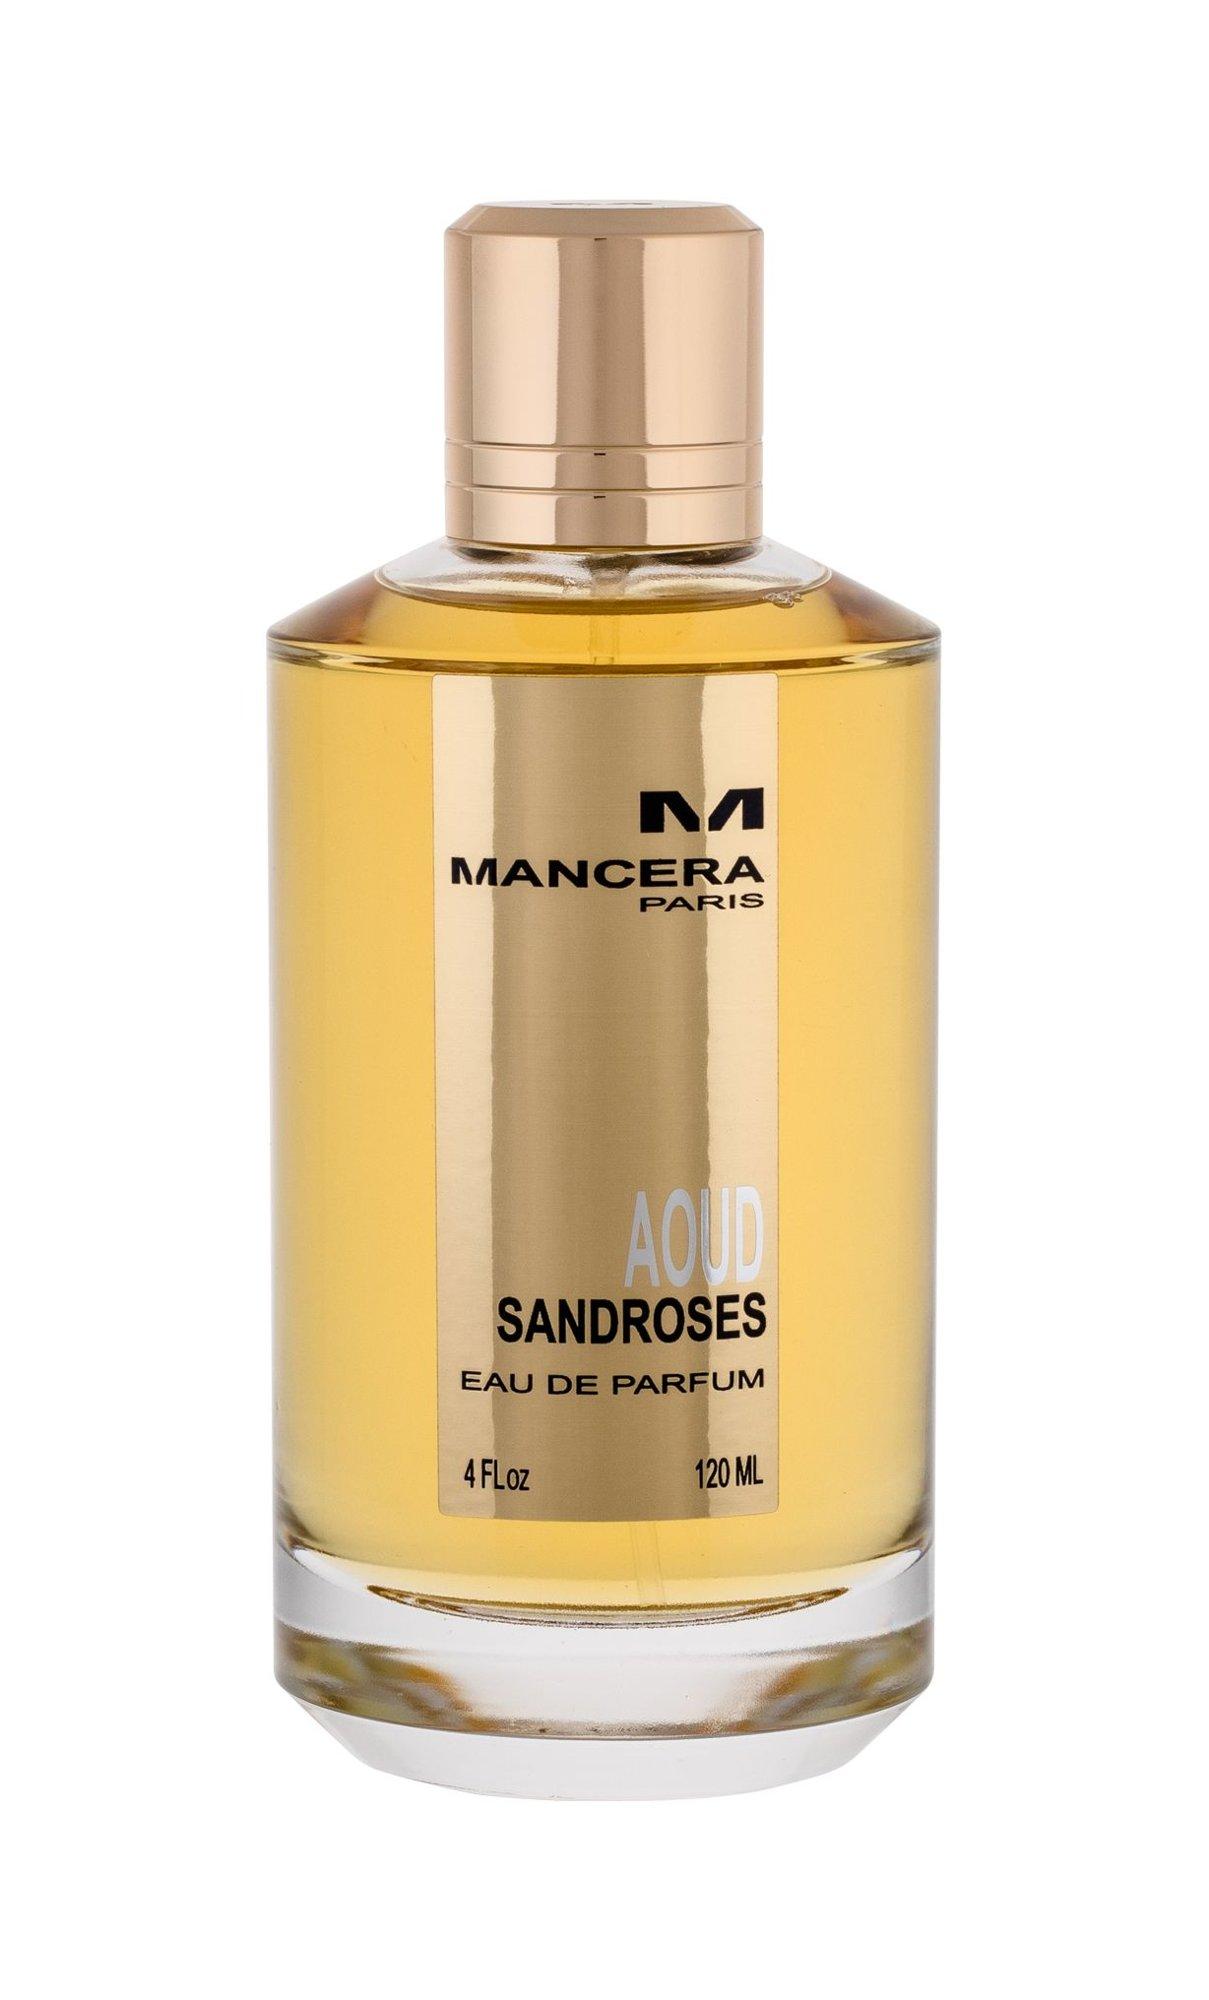 MANCERA Aoud Sandroses Eau de Parfum 120ml